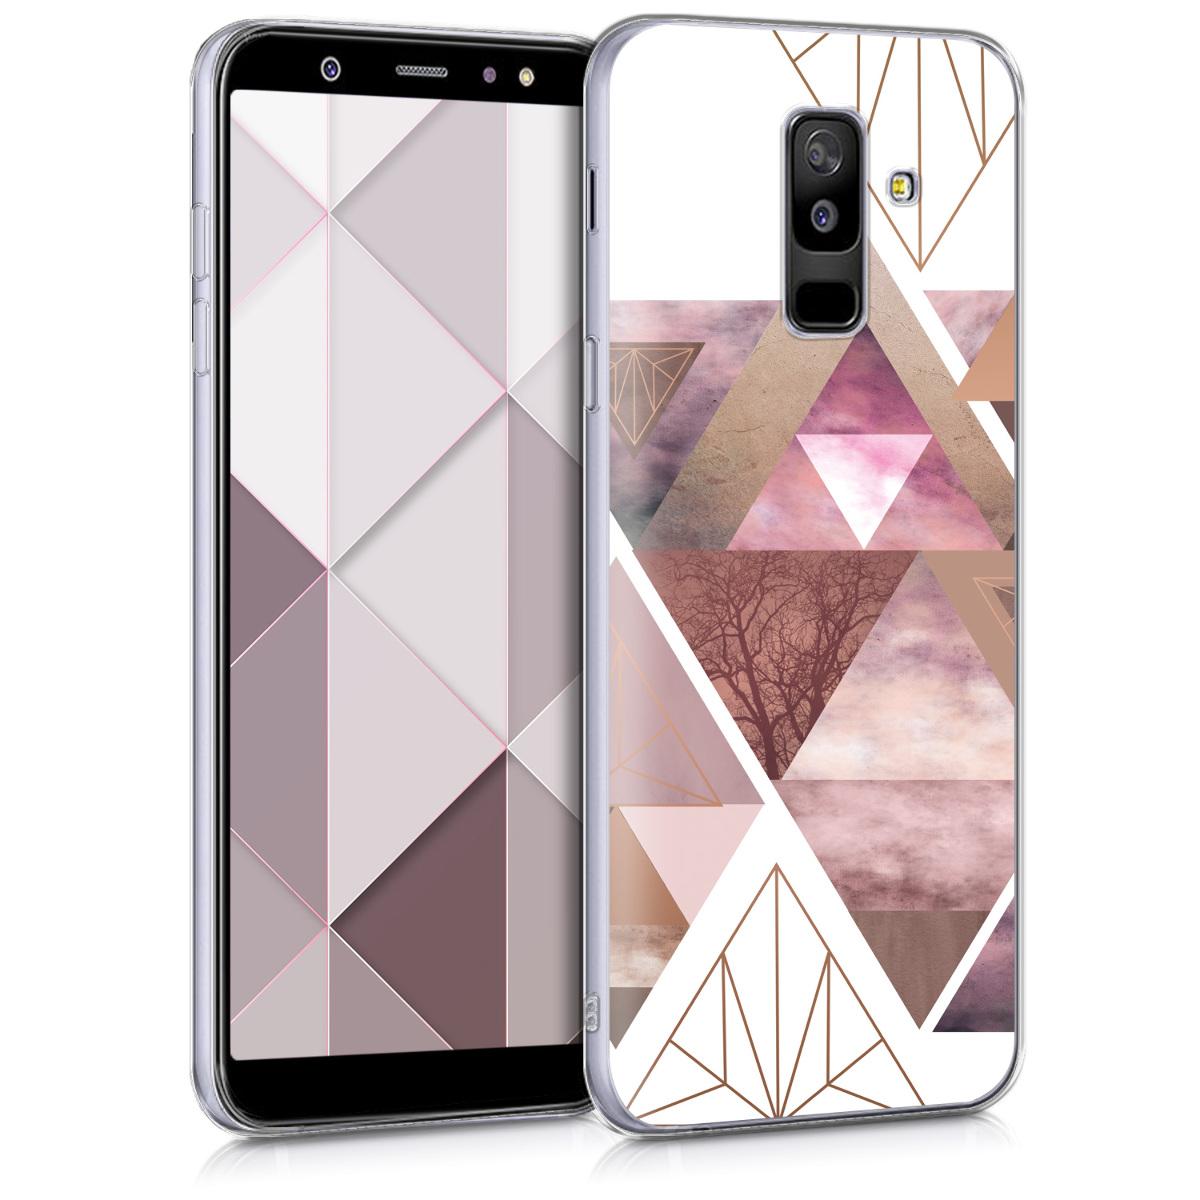 Kvalitní silikonové TPU pouzdro pro Samsung A6+|A6 Plus (2018) - Patchwork trojúhelníky světle růžové / starorůžové rosegold / bílé